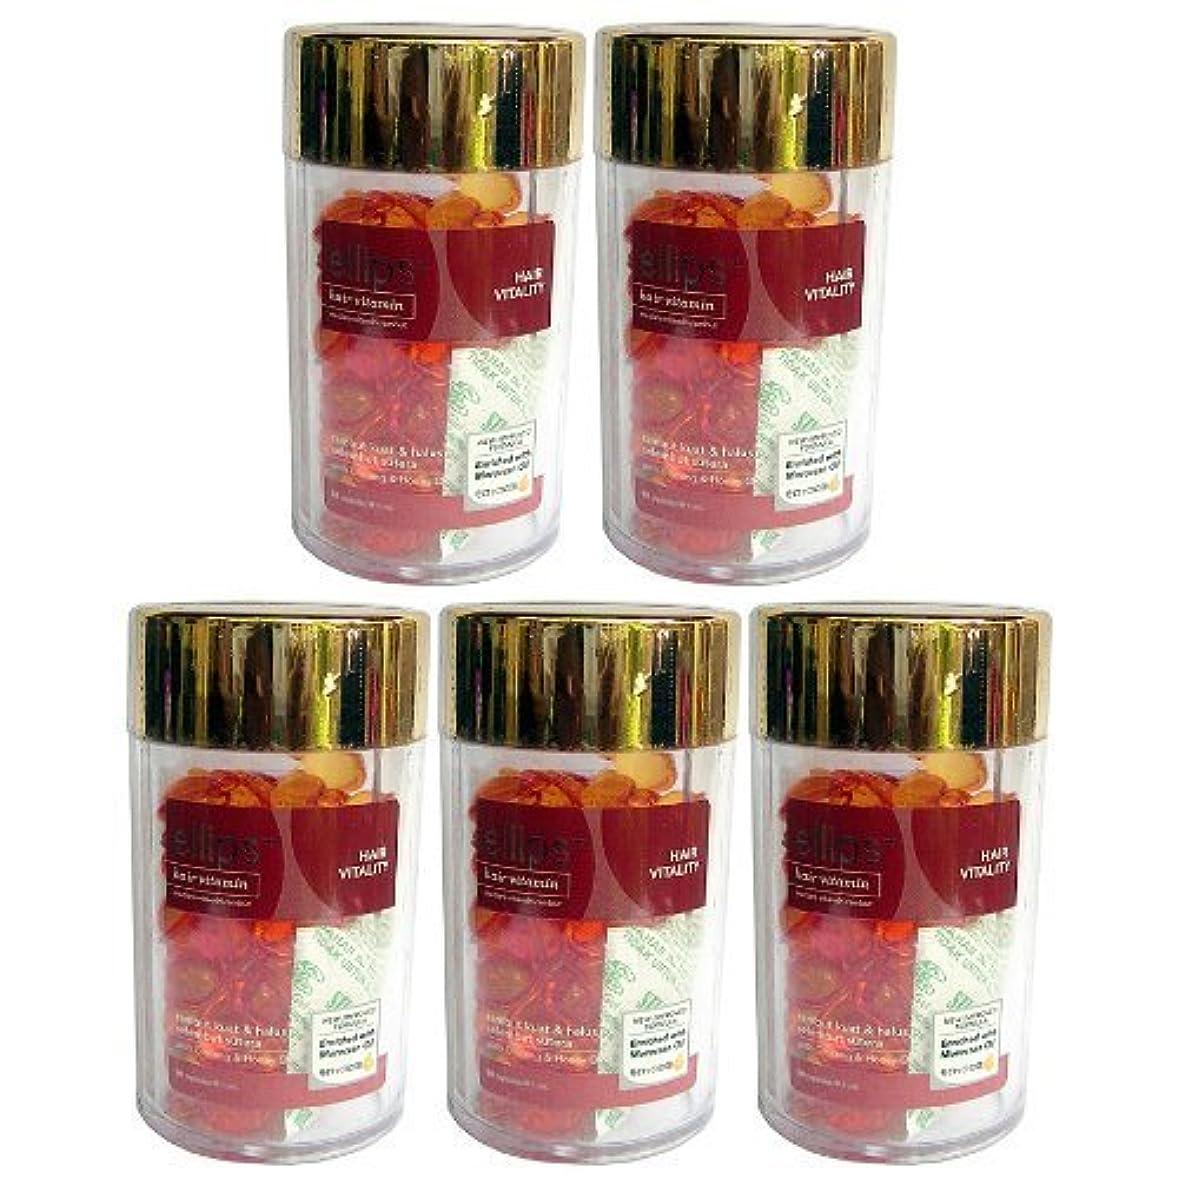 ライトニングメンターフェデレーションEllips(エリプス)ヘアビタミン(50粒入)5個セット [並行輸入品][海外直送品] ブラウン